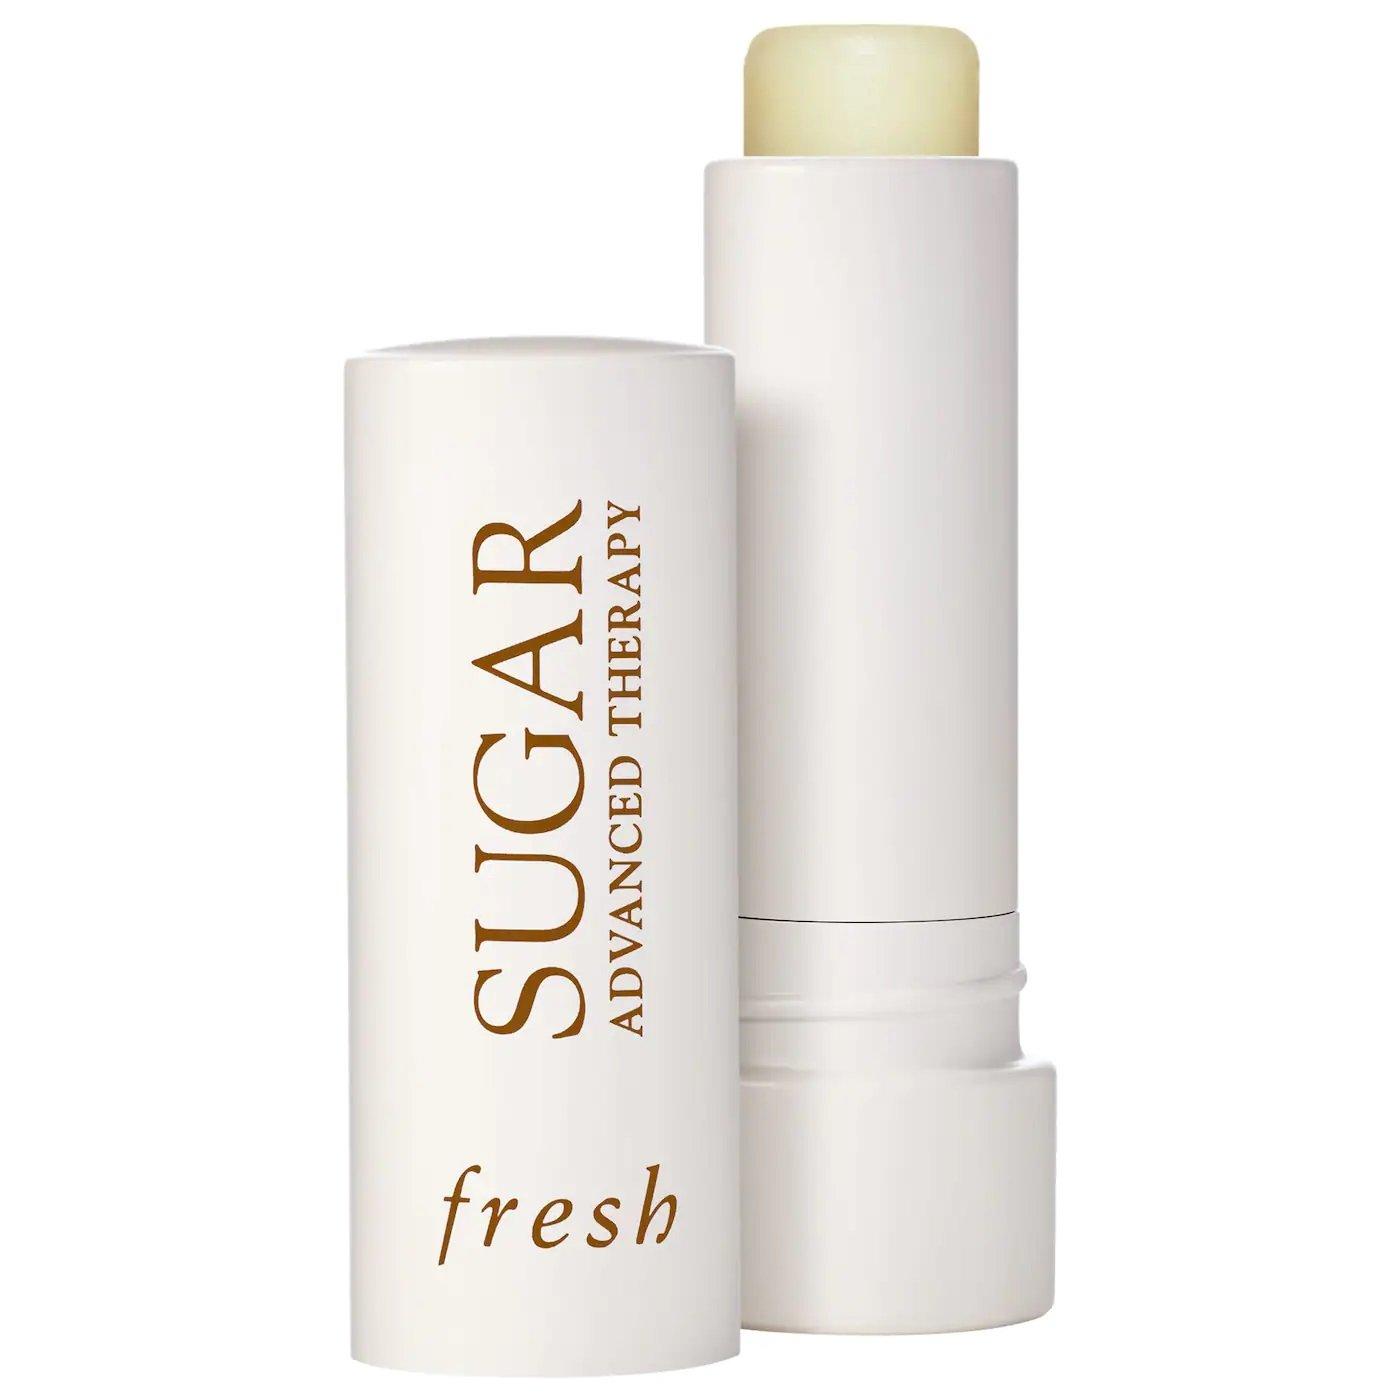 Sugar Advanced Therapy Treatment Lip Balm